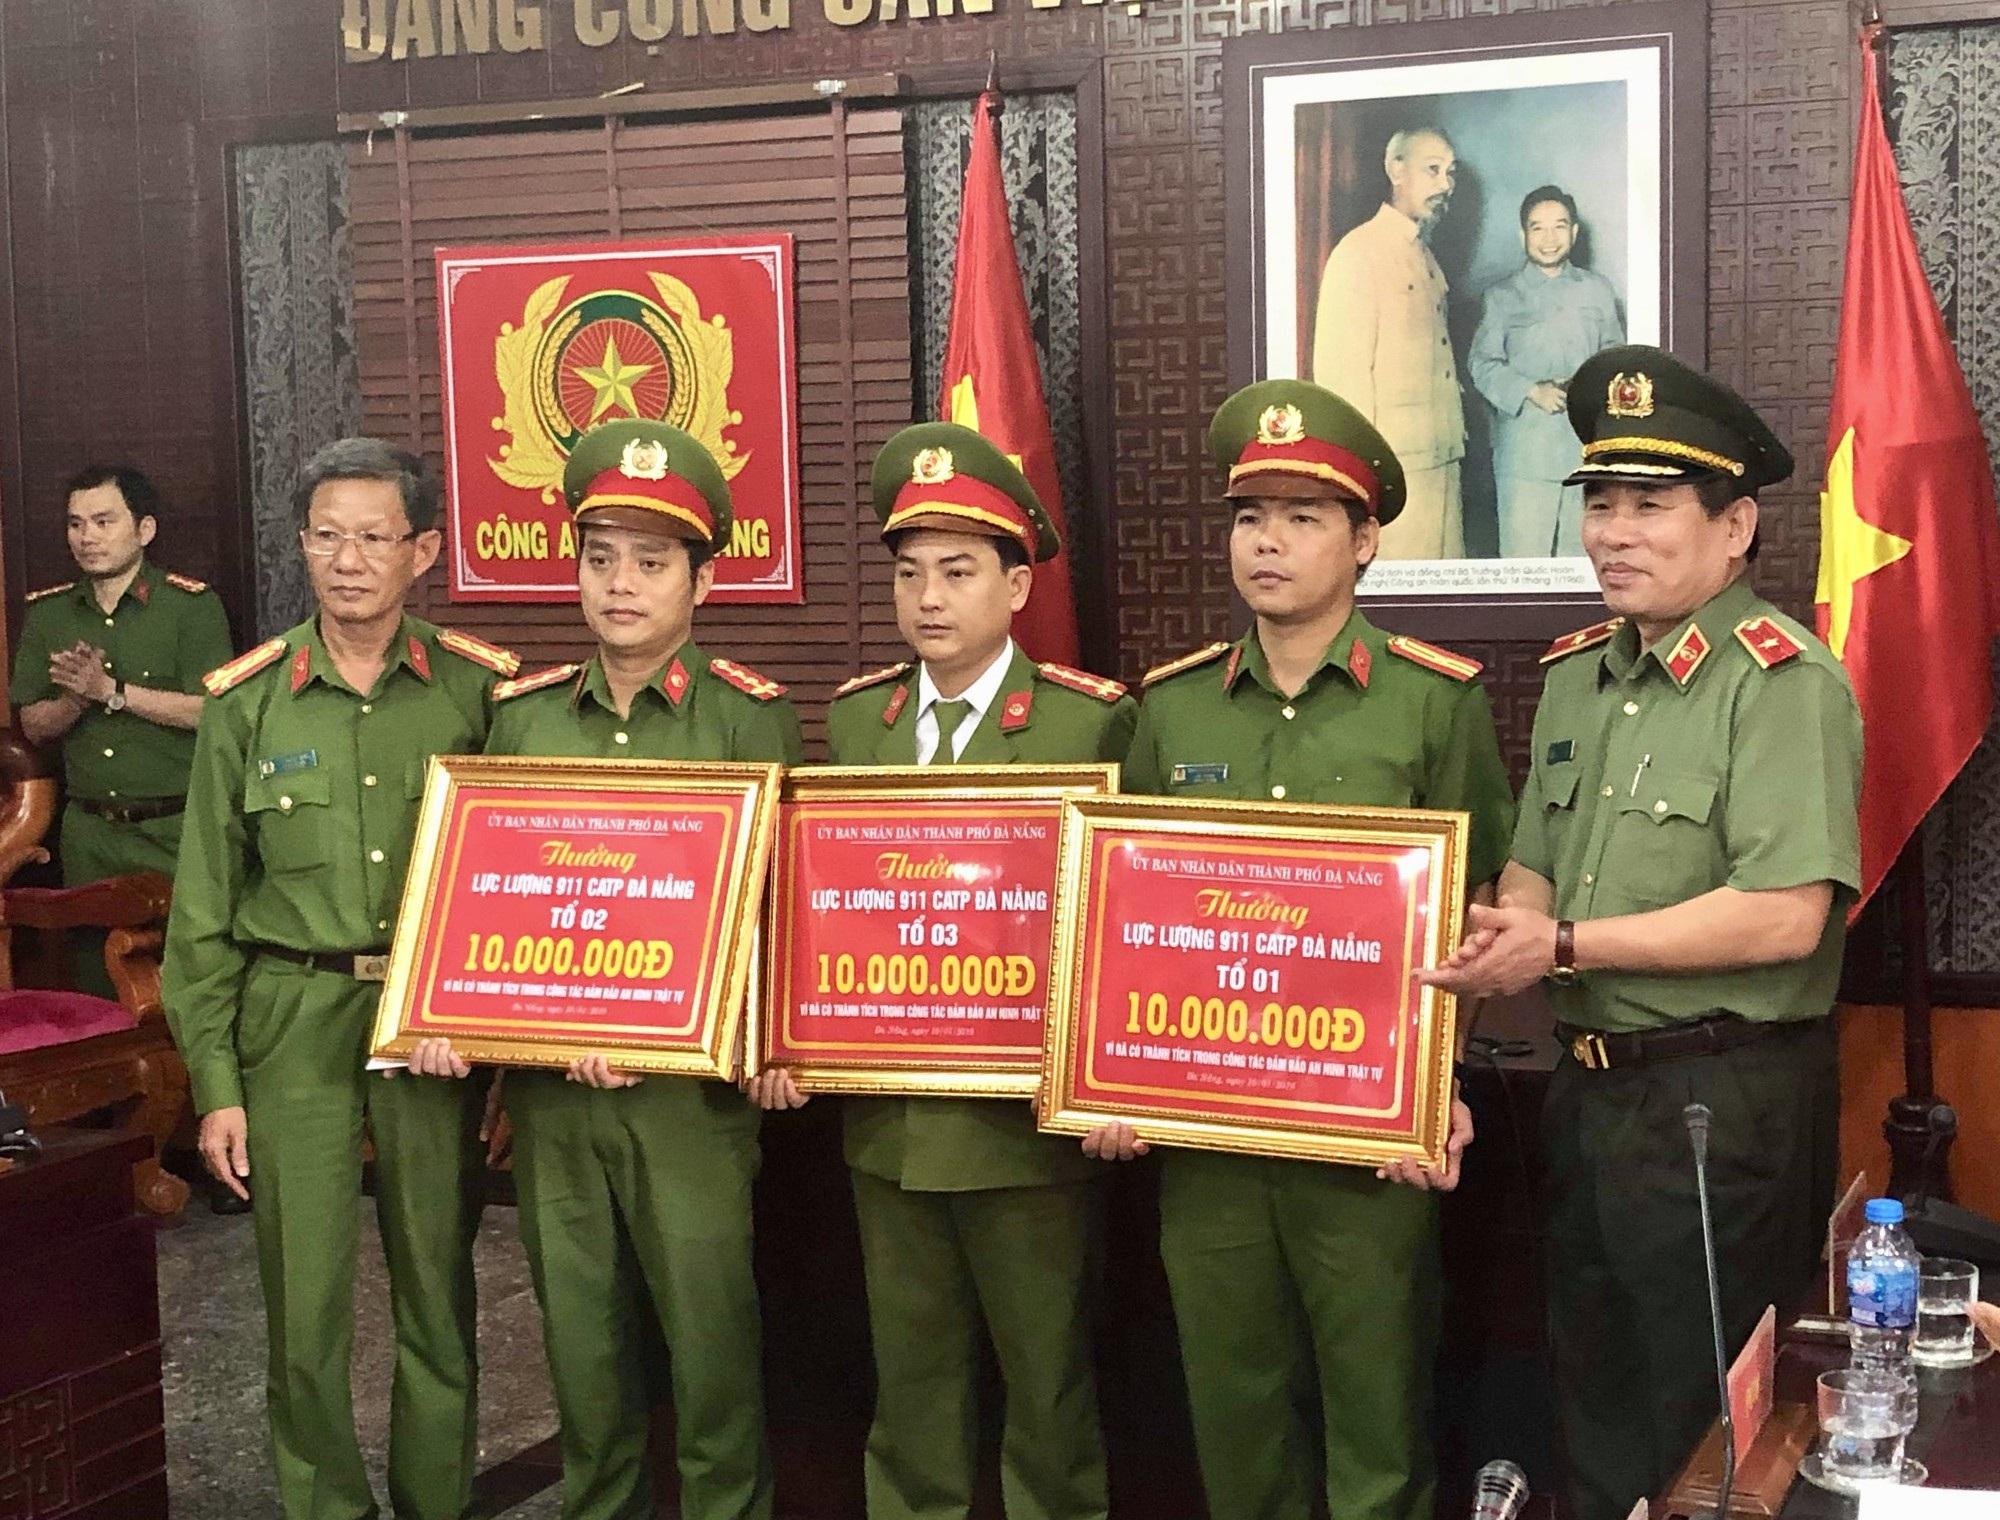 Lực lượng 911 - Công an Đà Nẵng phát hiện nhiều đối tượng cho vay nặng lãi, tàng trữ cỏ Mỹ, vũ khí - Ảnh 1.